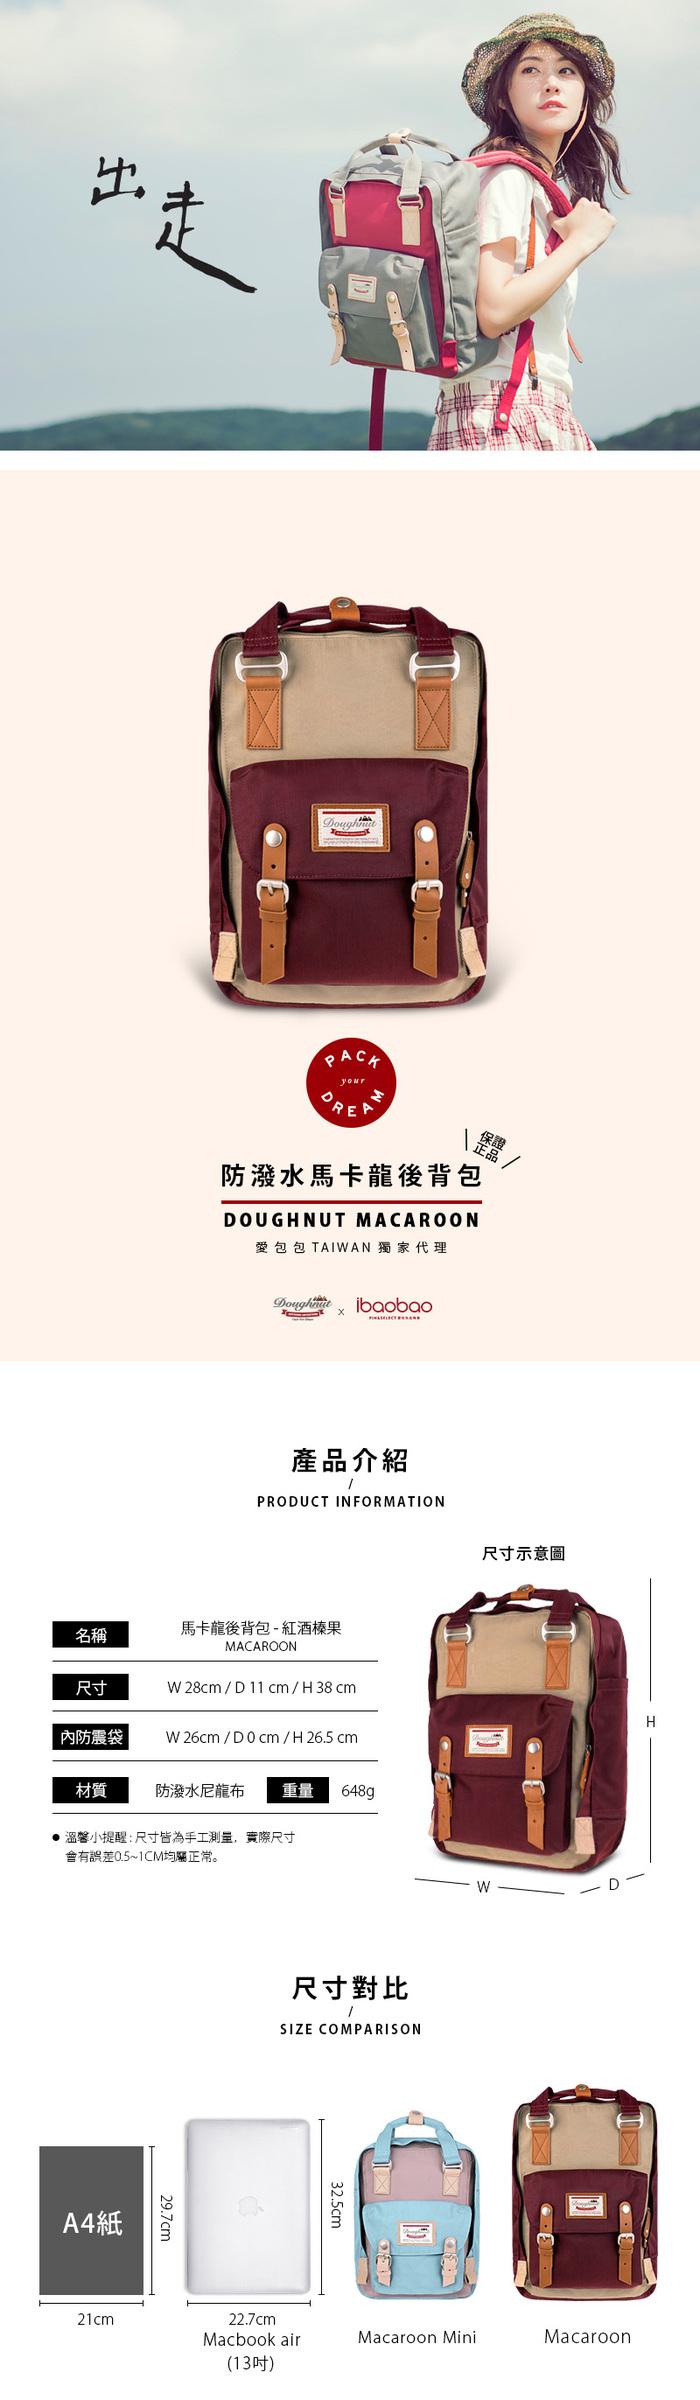 (複製)IBAOBAO愛包包|Doughnut 防潑水馬卡龍後背包-午茶時光